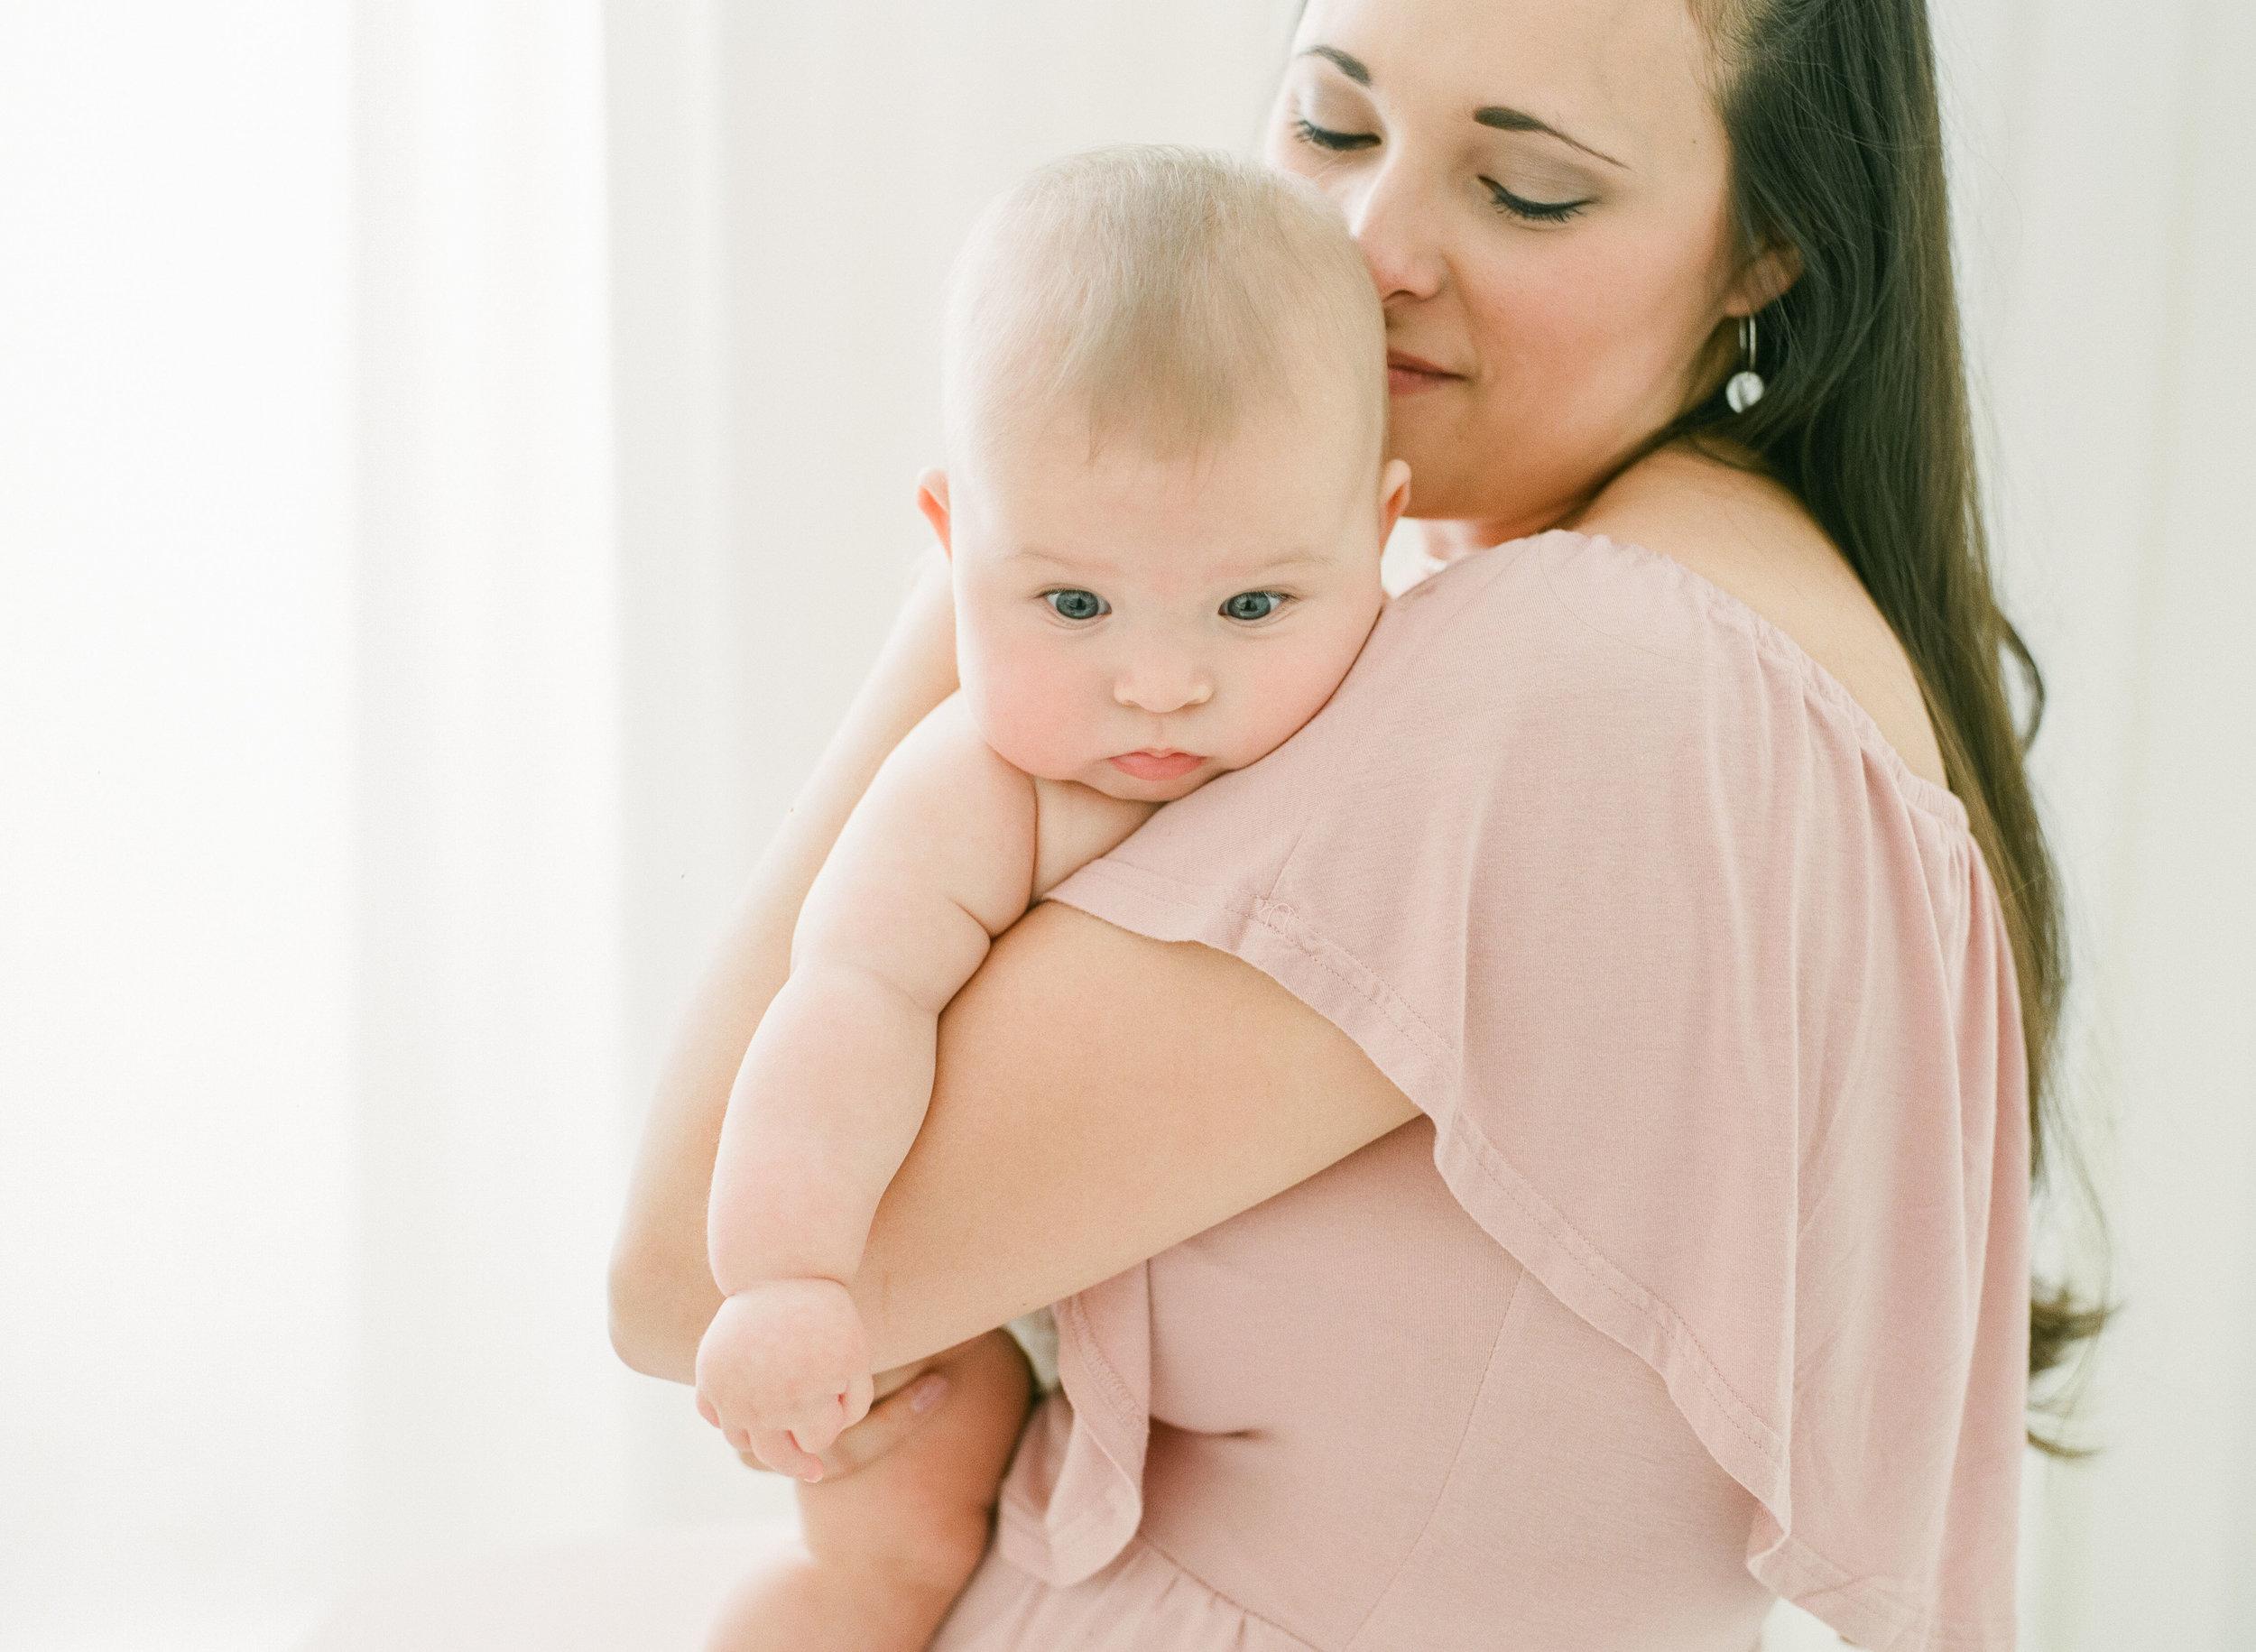 wake-forest-baby-photographer-studio-newborns-children-photography-004